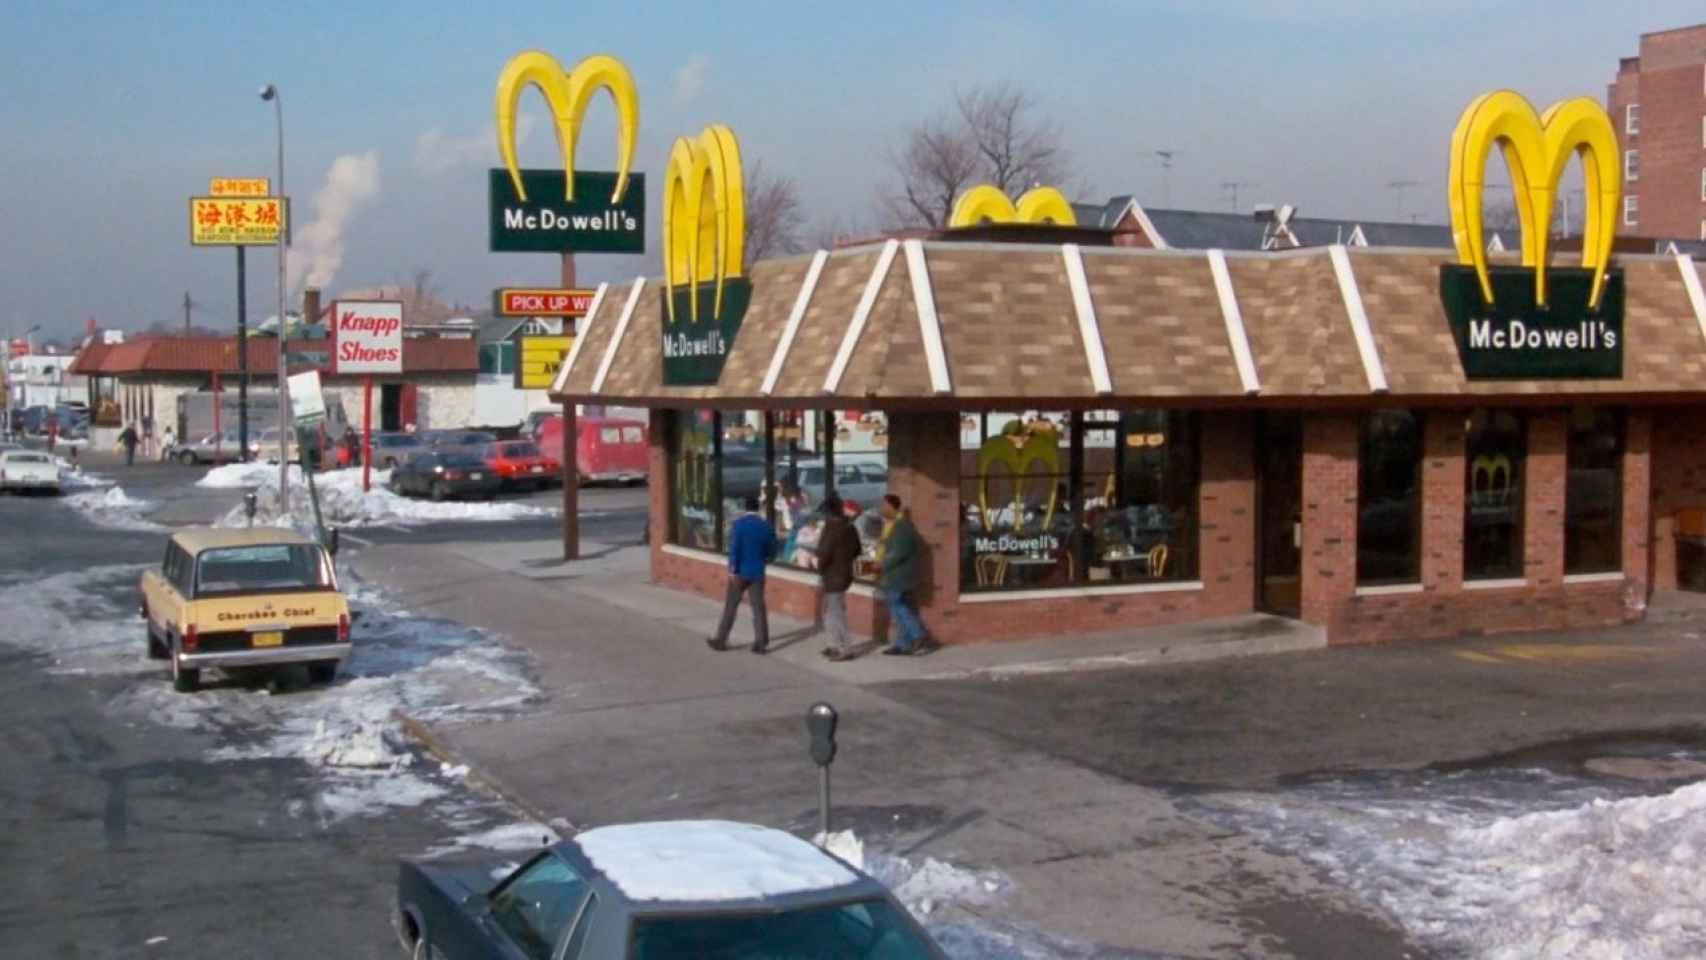 El príncipe de Zamunda parodiaba a McDonald's con su marca McDowell's.